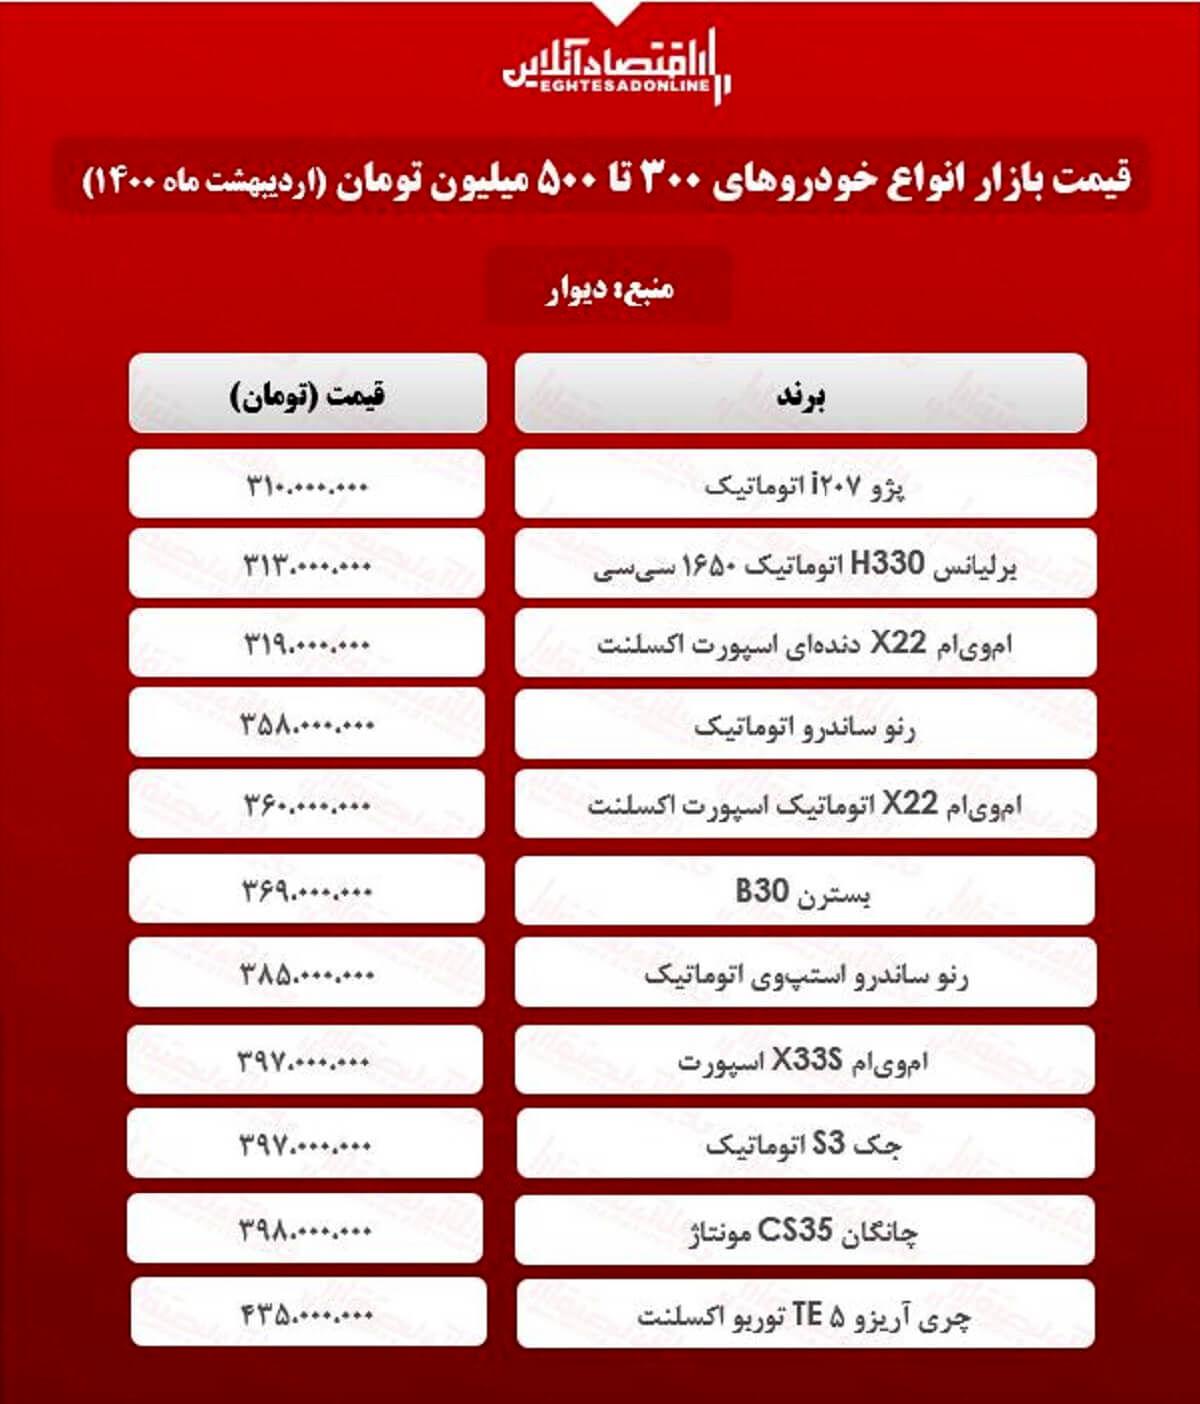 قیمت خودروهای ۳۰۰ تا ۵۰۰ میلیون تومانی بازار + جدول